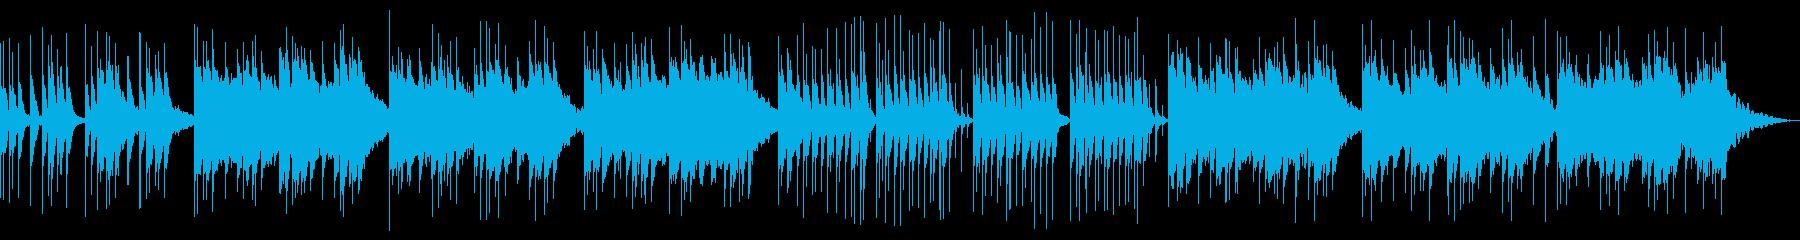 実験的な アンビエント ファンタジ...の再生済みの波形